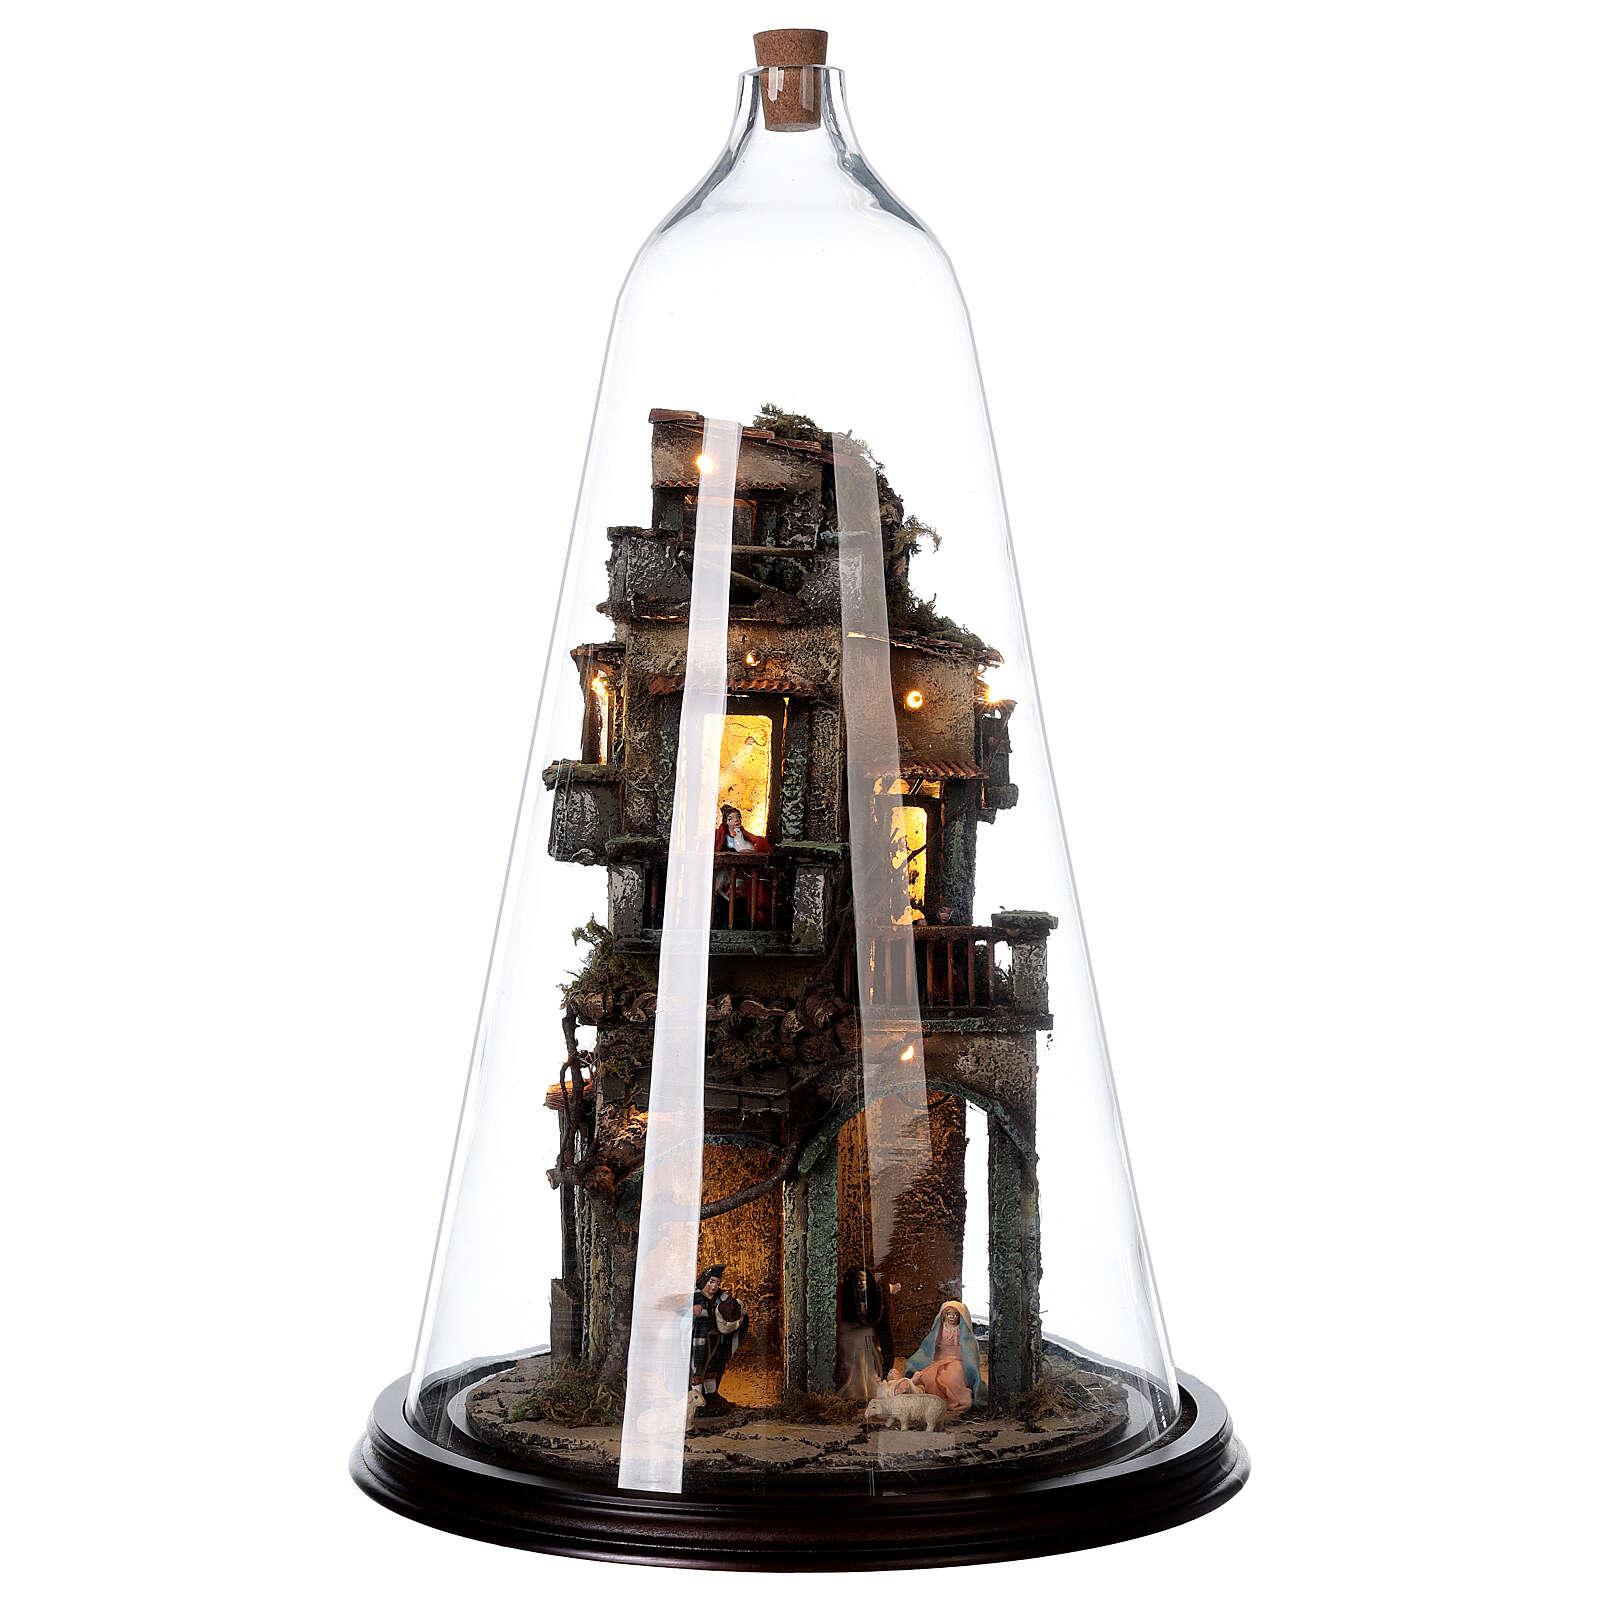 Belén campana vidrio botella belén napolitano iluminado 50x30 4